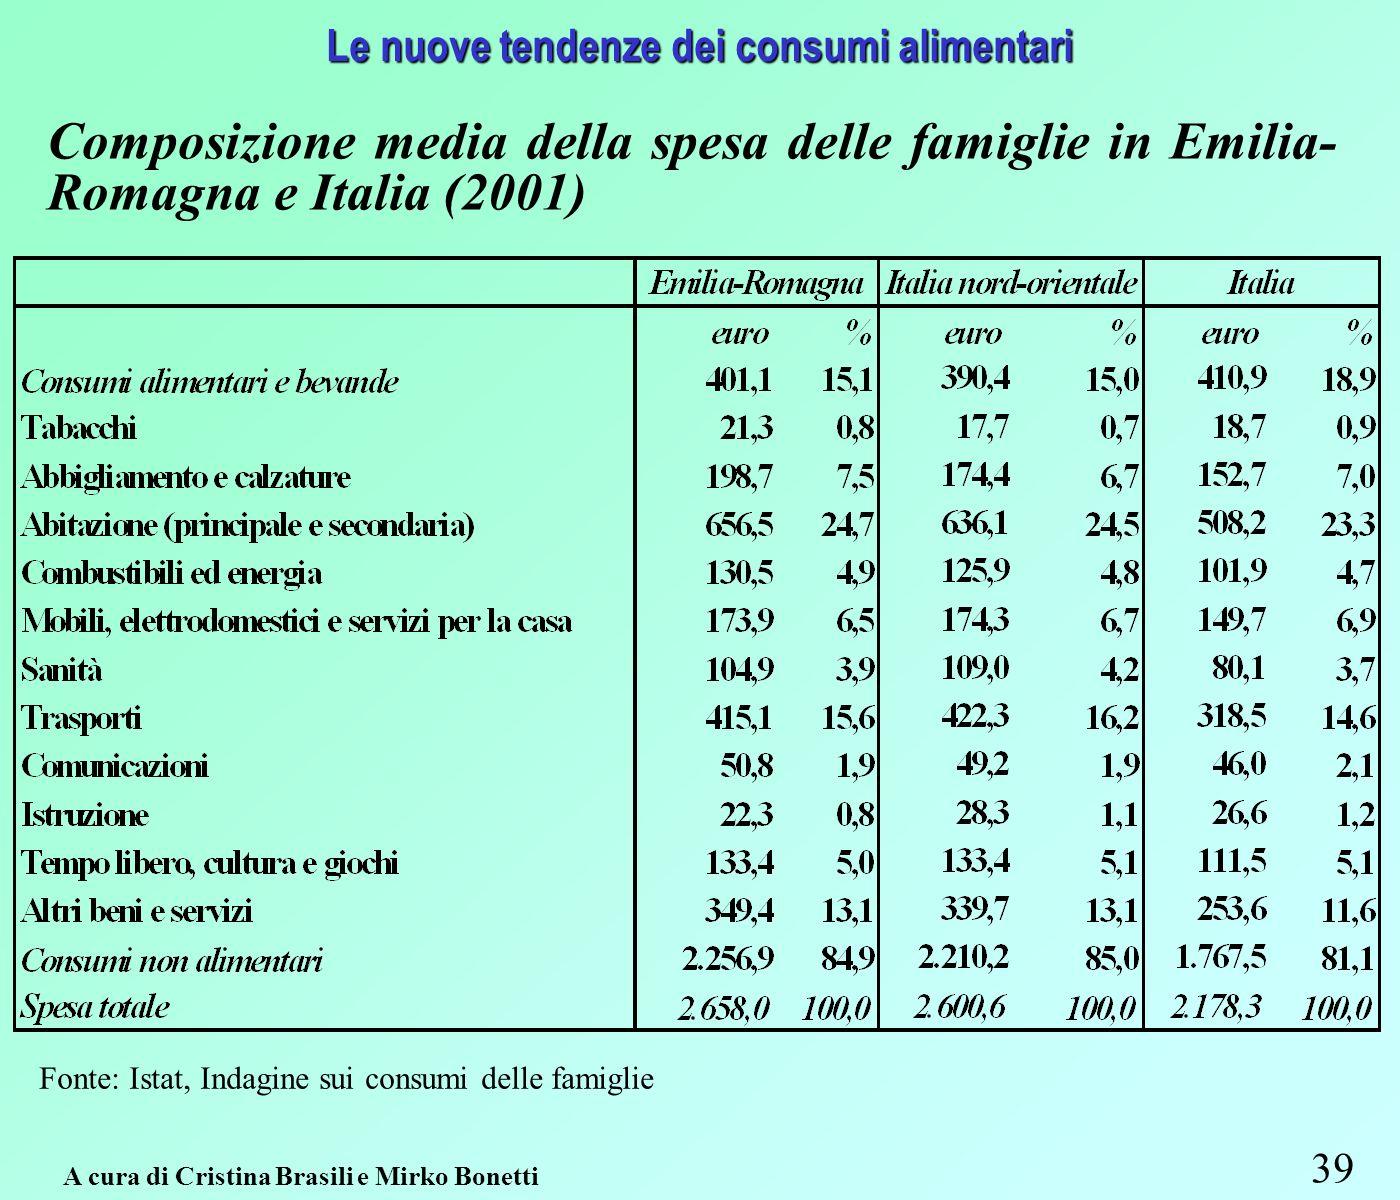 39 Le nuove tendenze dei consumi alimentari Composizione media della spesa delle famiglie in Emilia- Romagna e Italia (2001) Fonte: Istat, Indagine sui consumi delle famiglie A cura di Cristina Brasili e Mirko Bonetti